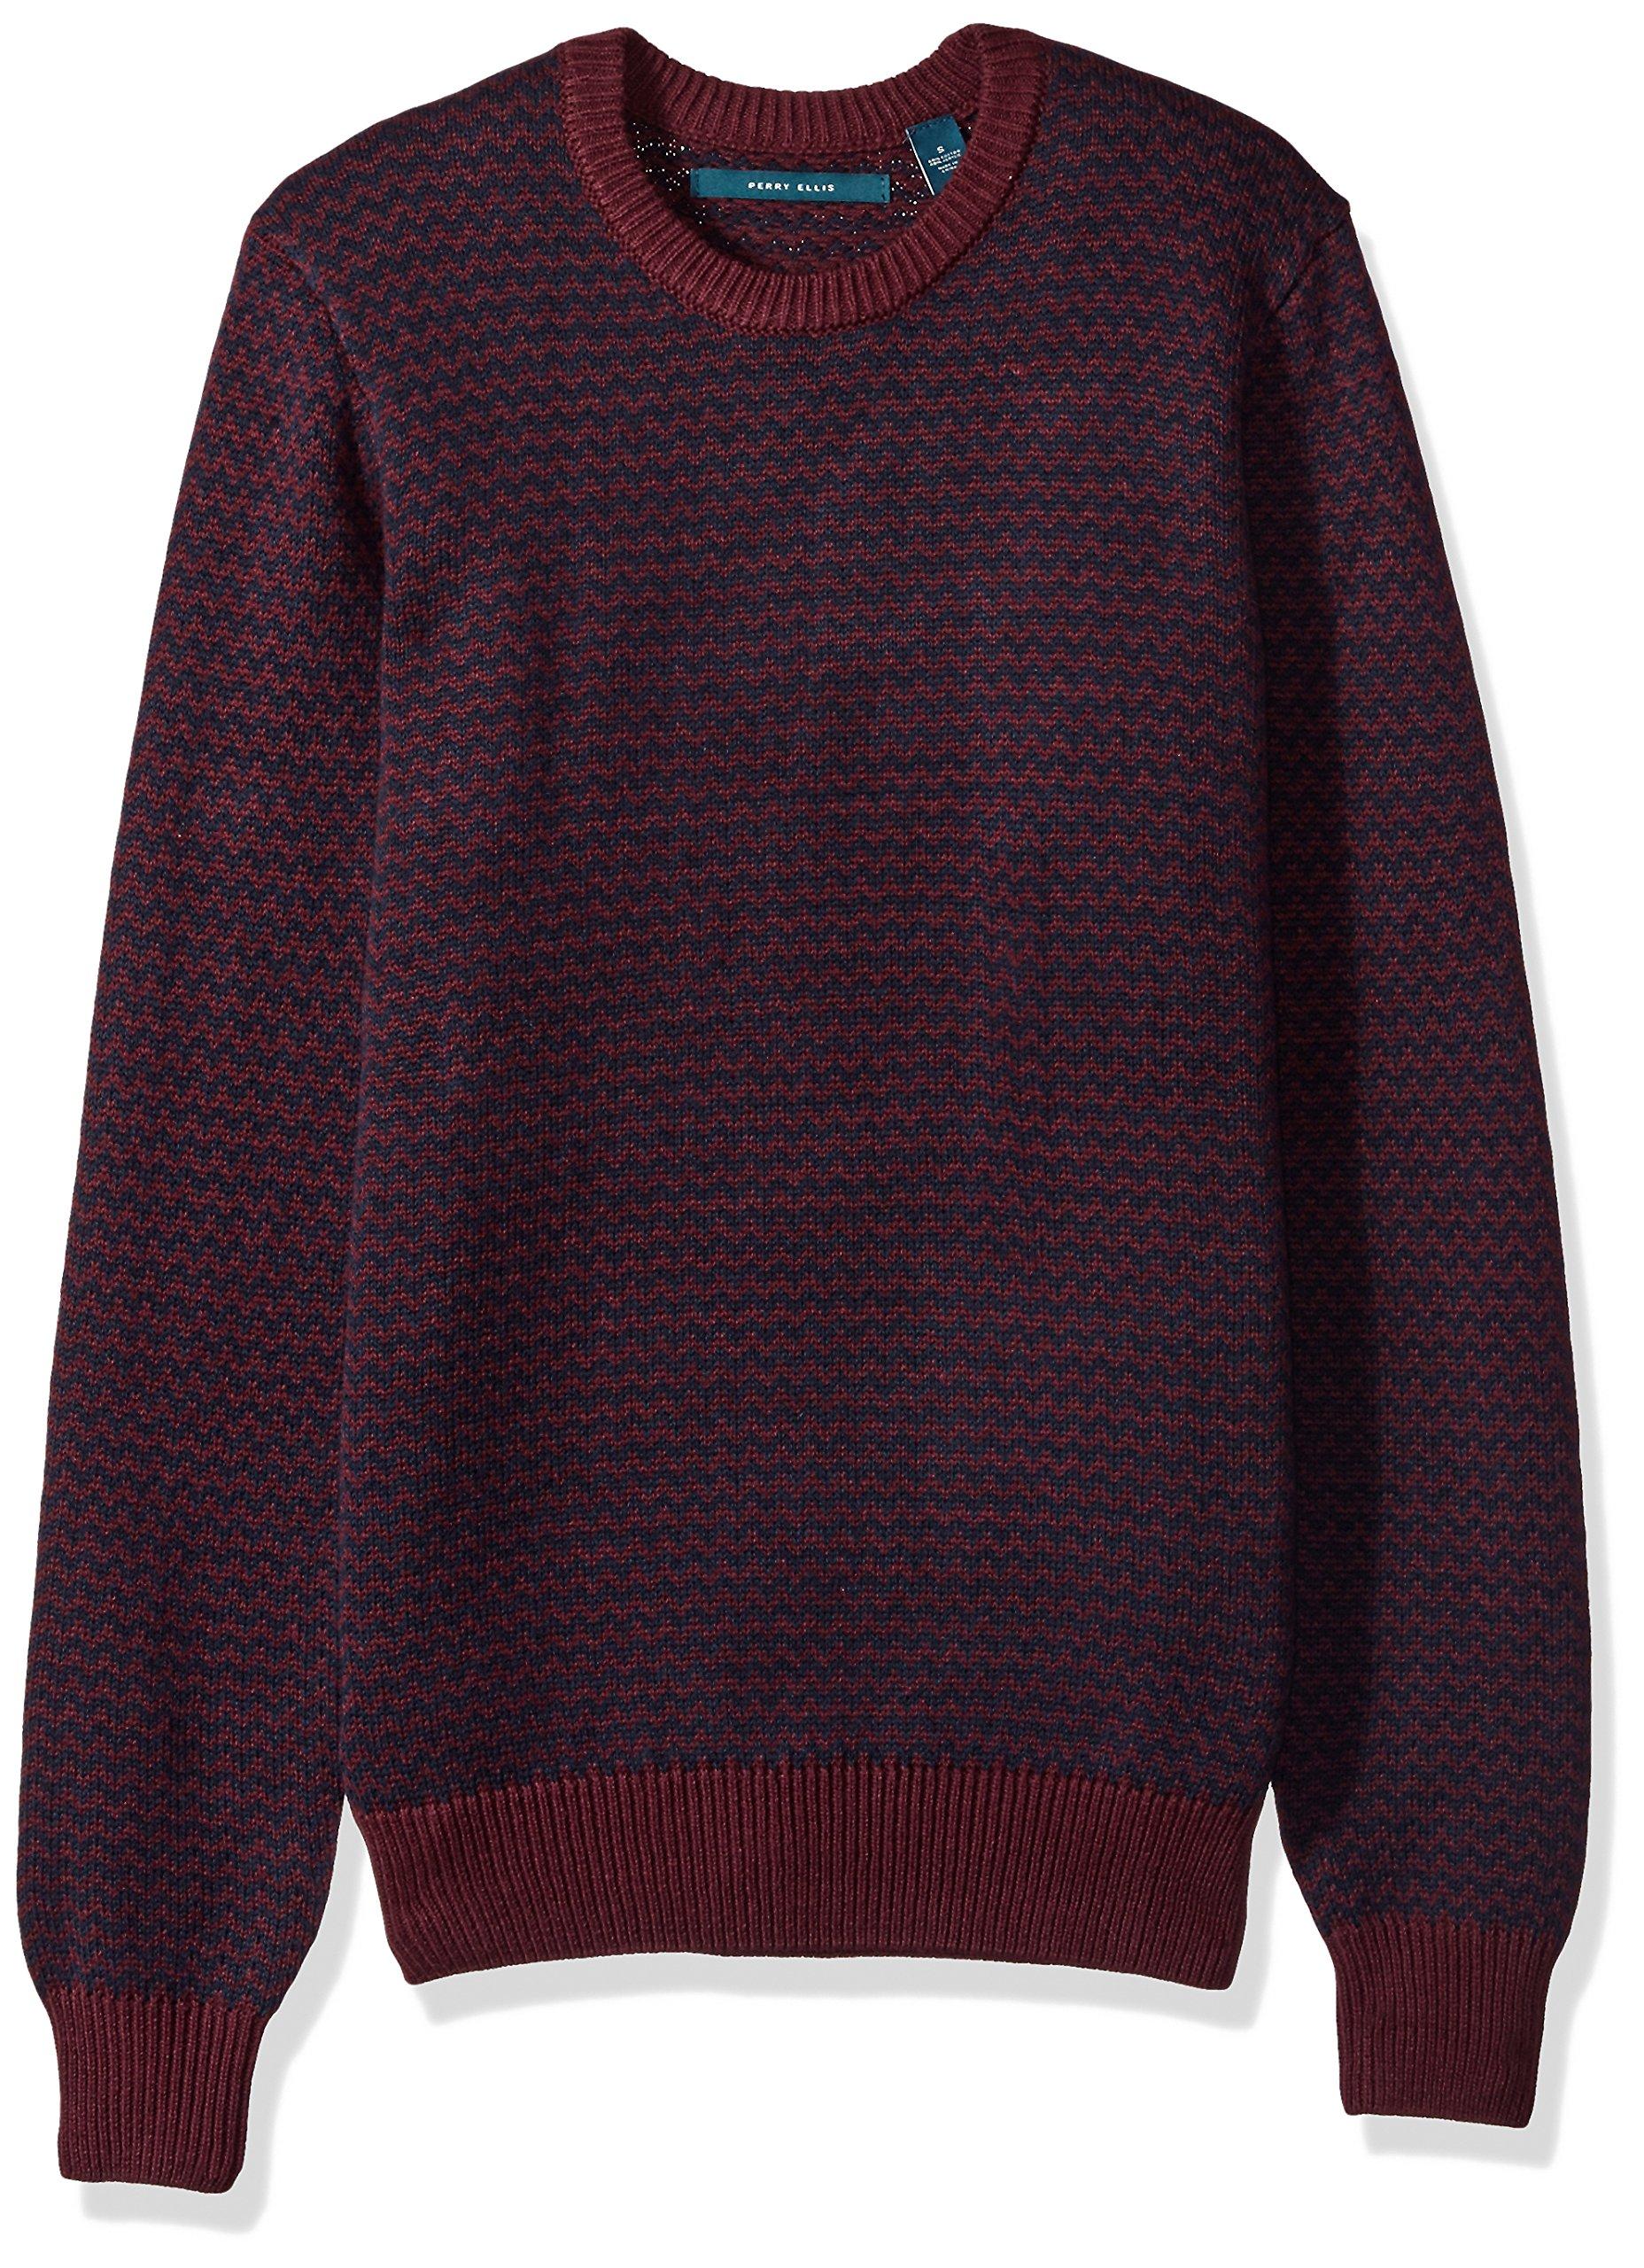 Perry Ellis Men's Herringbone Crew Neck Sweater, Port, Medium